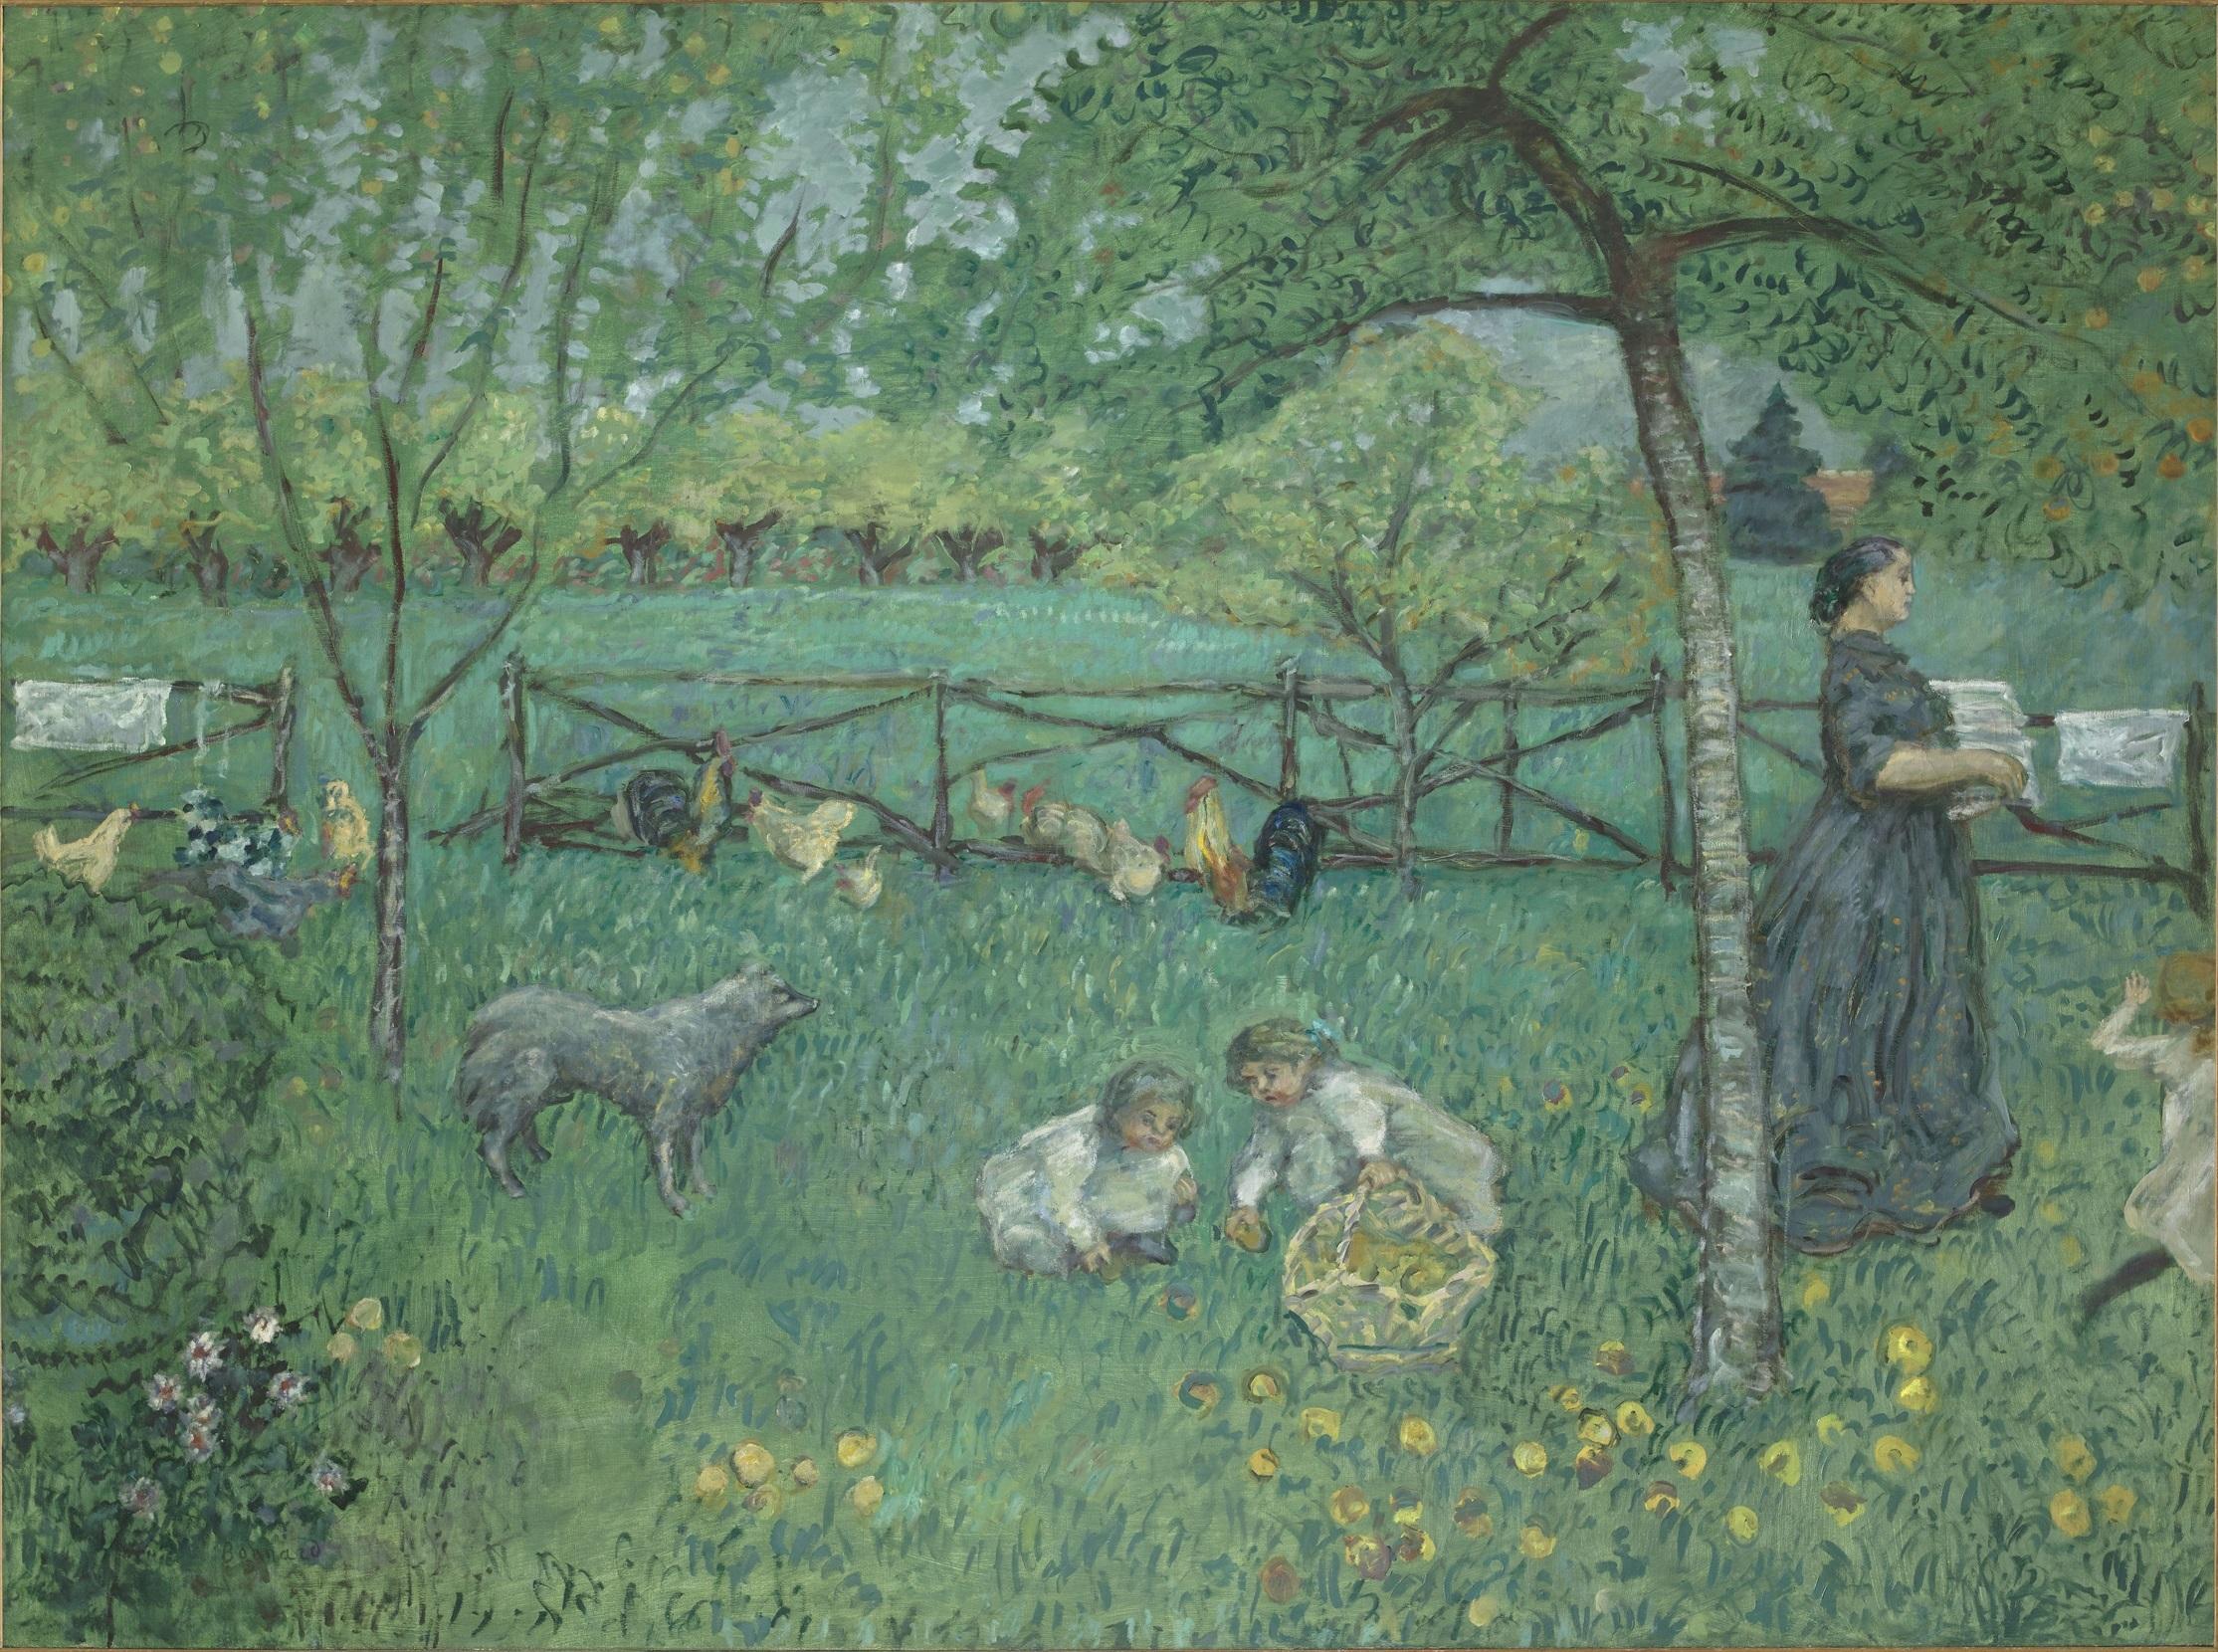 ピエール・ボナール《大きな庭》1895年 油彩、カンヴァス 168×221 cm オルセー美術館   (C)RMN-Grand Palais (musée d'Orsay) / Hervé Lewandowski / distributed by AMF